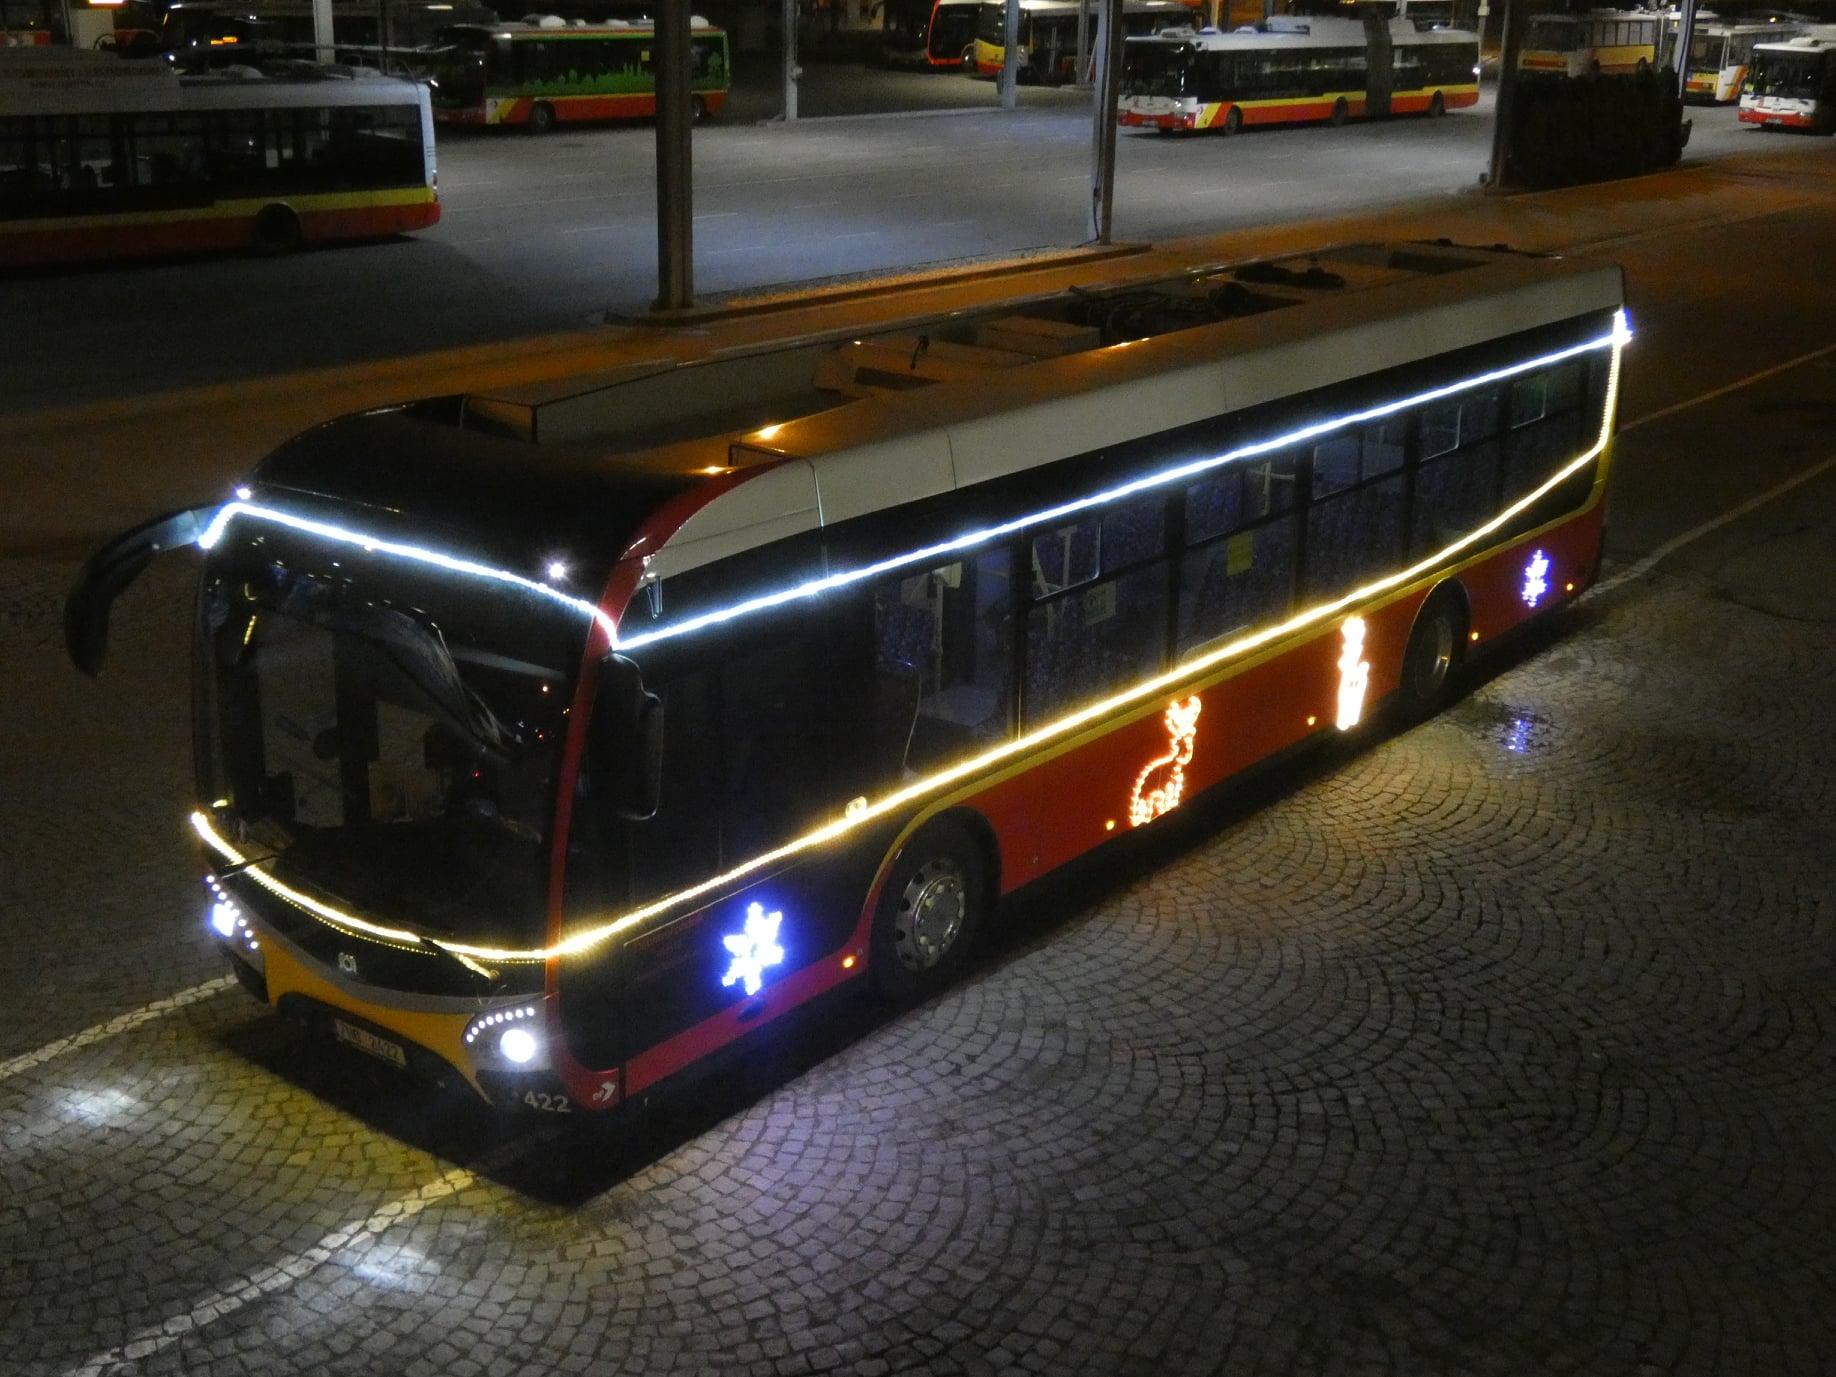 Vánoční elektrobus - SOR NS 12 - 422 - Hradec Králové (c) foto DPMHK